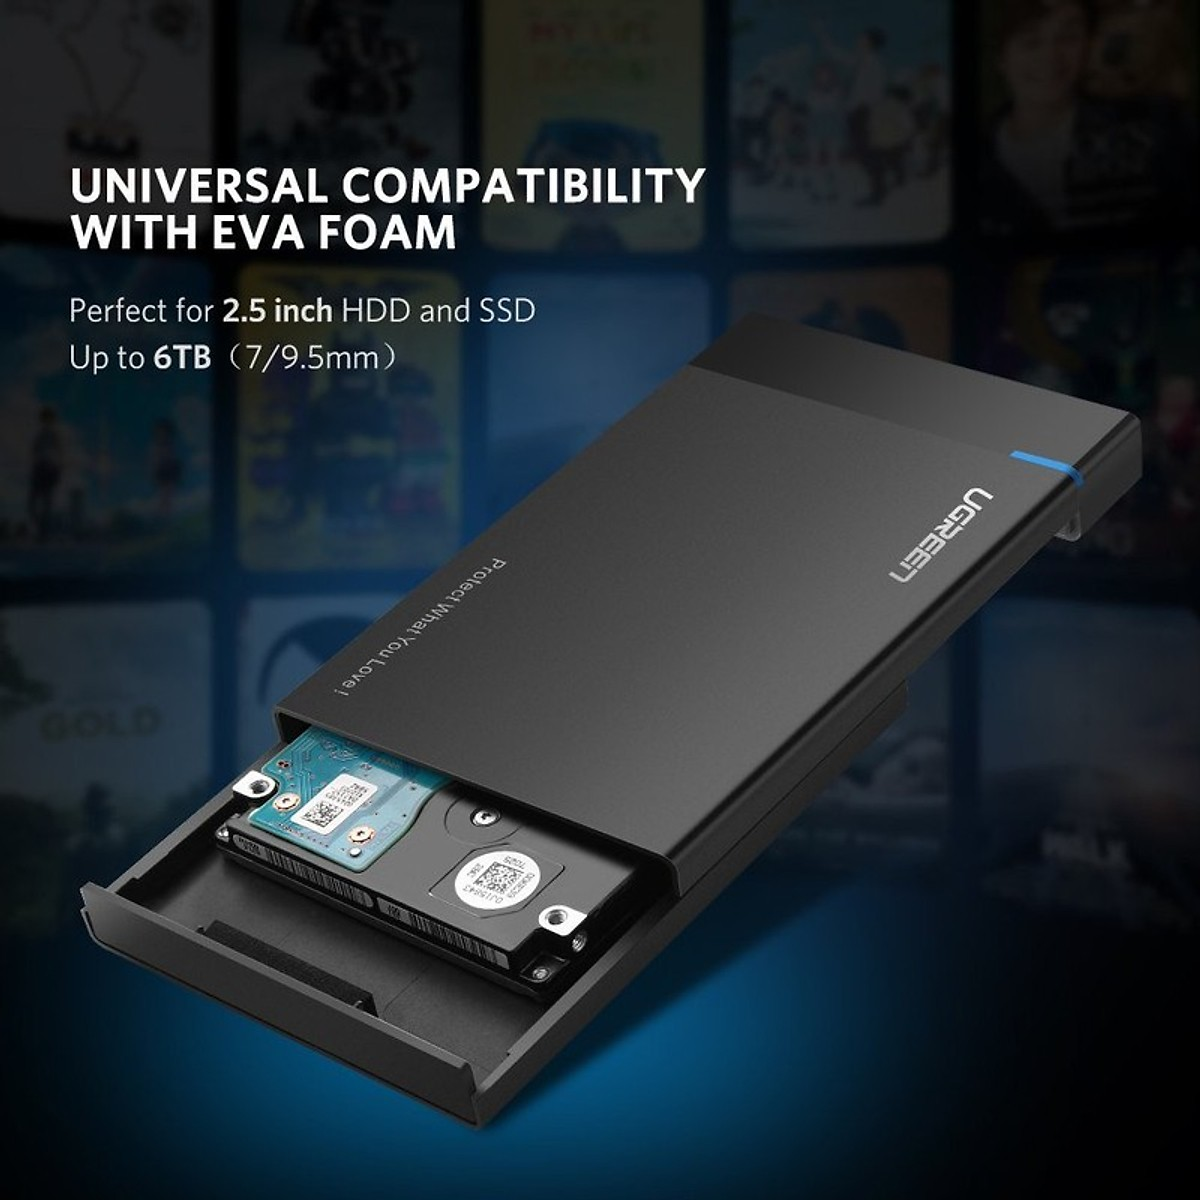 Hộp Đựng ổ cứng (HDD Box) 2,5 inch chuẩn kết nối USB 3.0 vỏ nhựa ABS cao cấp Ugreen 30847 - Hàng Chính Hãng